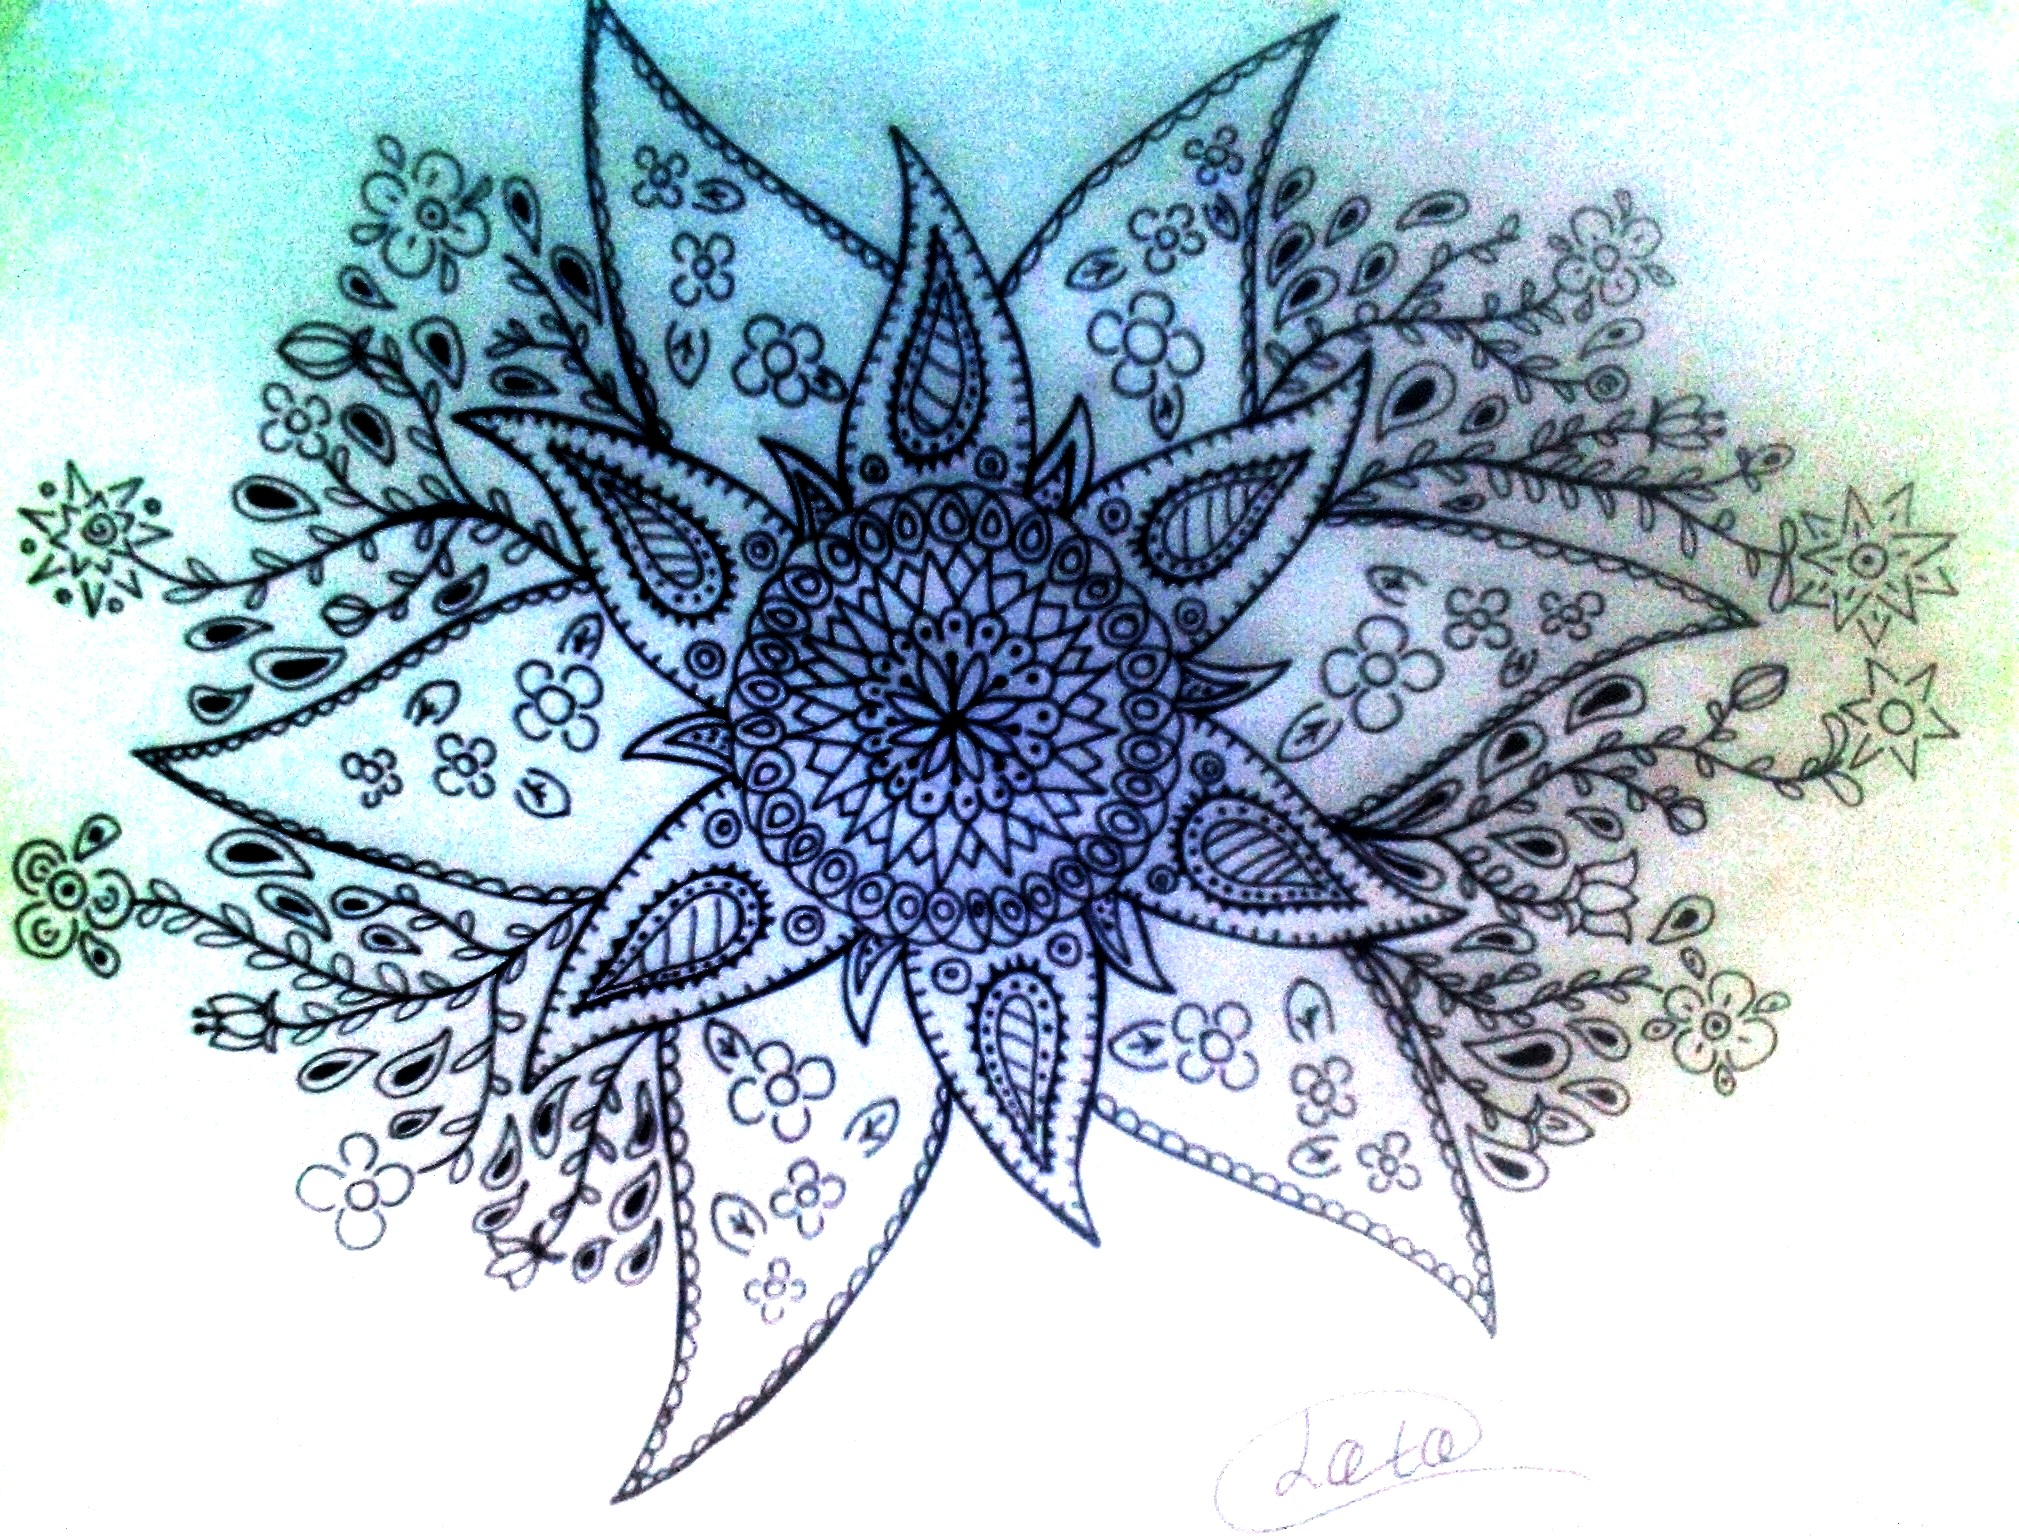 flor en blanco y negro by loto7714